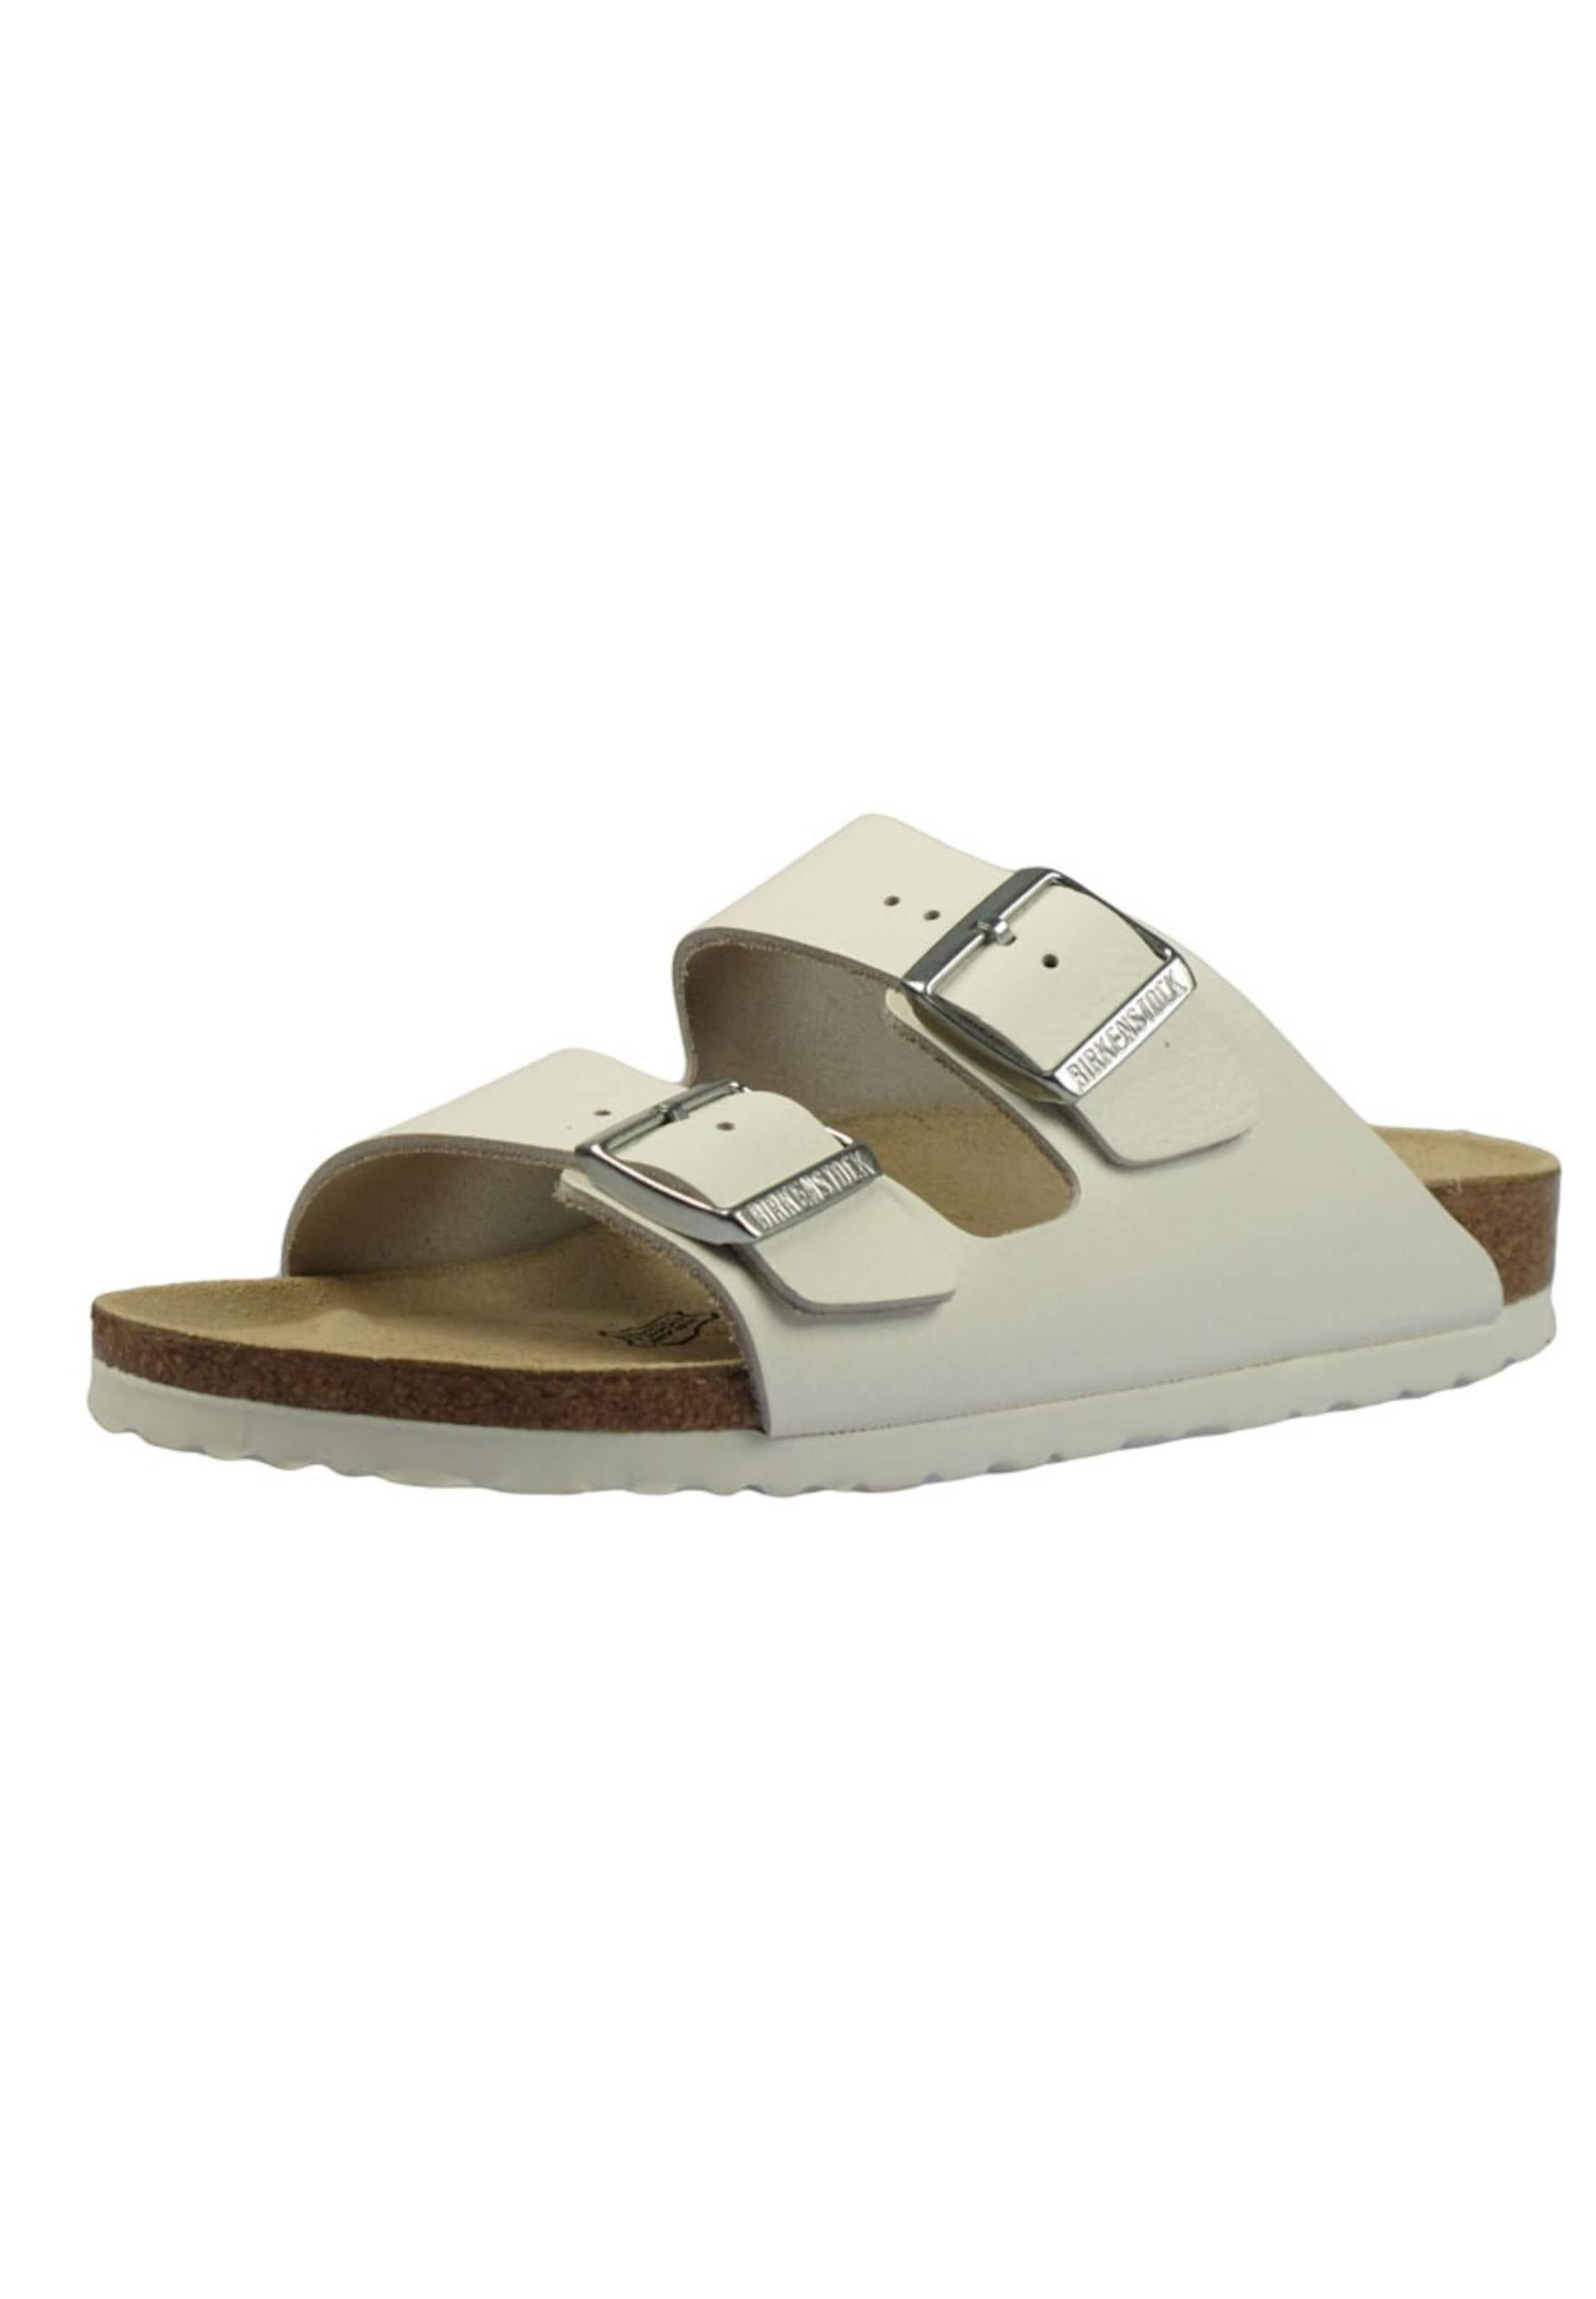 BIRKENSTOCK Pantoletten Arizona Verschleißfeste billige Schuhe